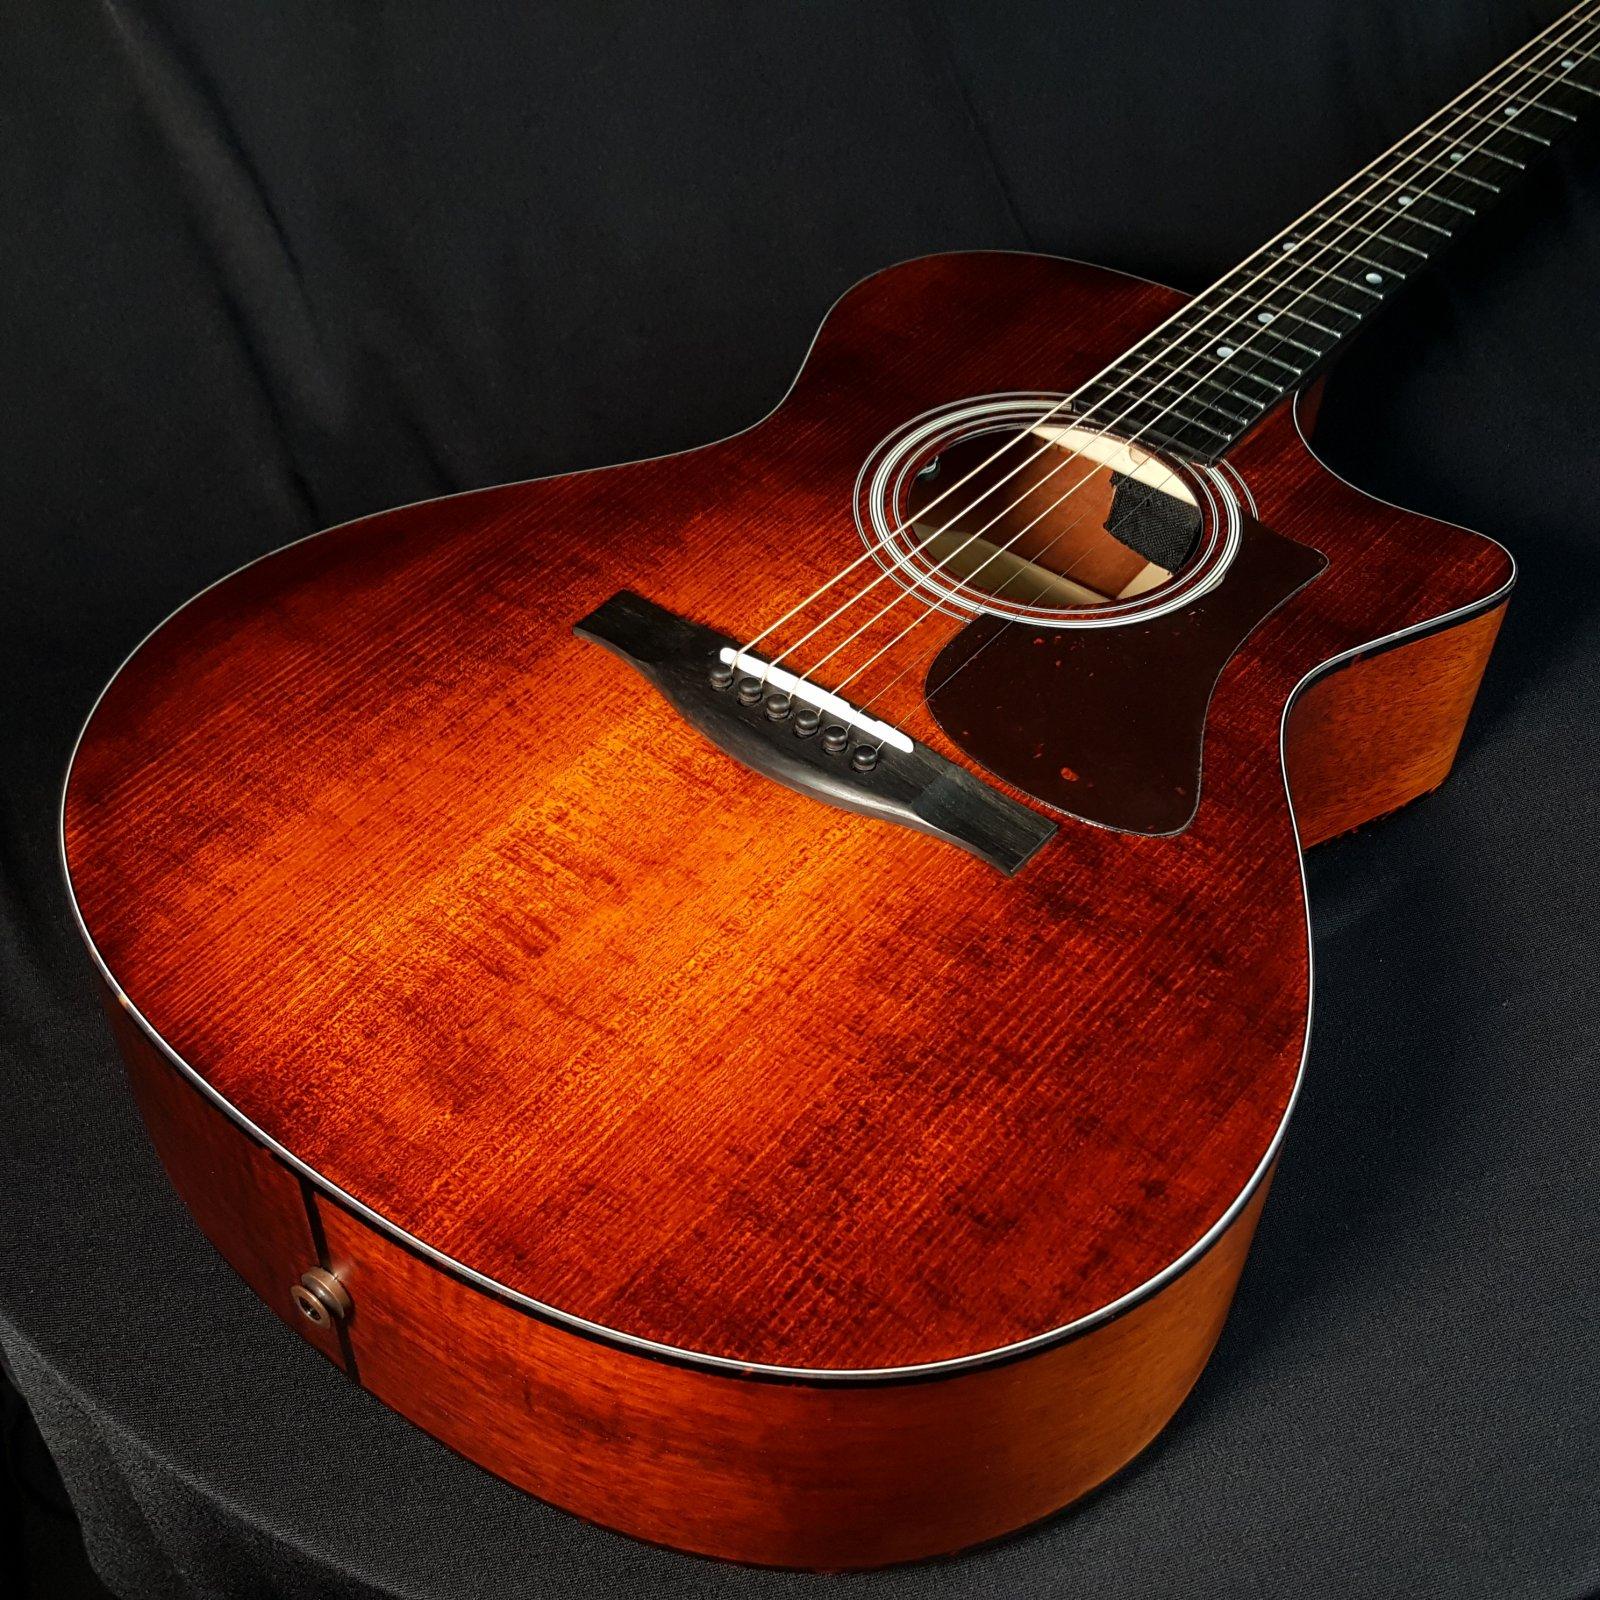 Eastman AC108CE-LTD Acoustic Electric Guitar w/Bag